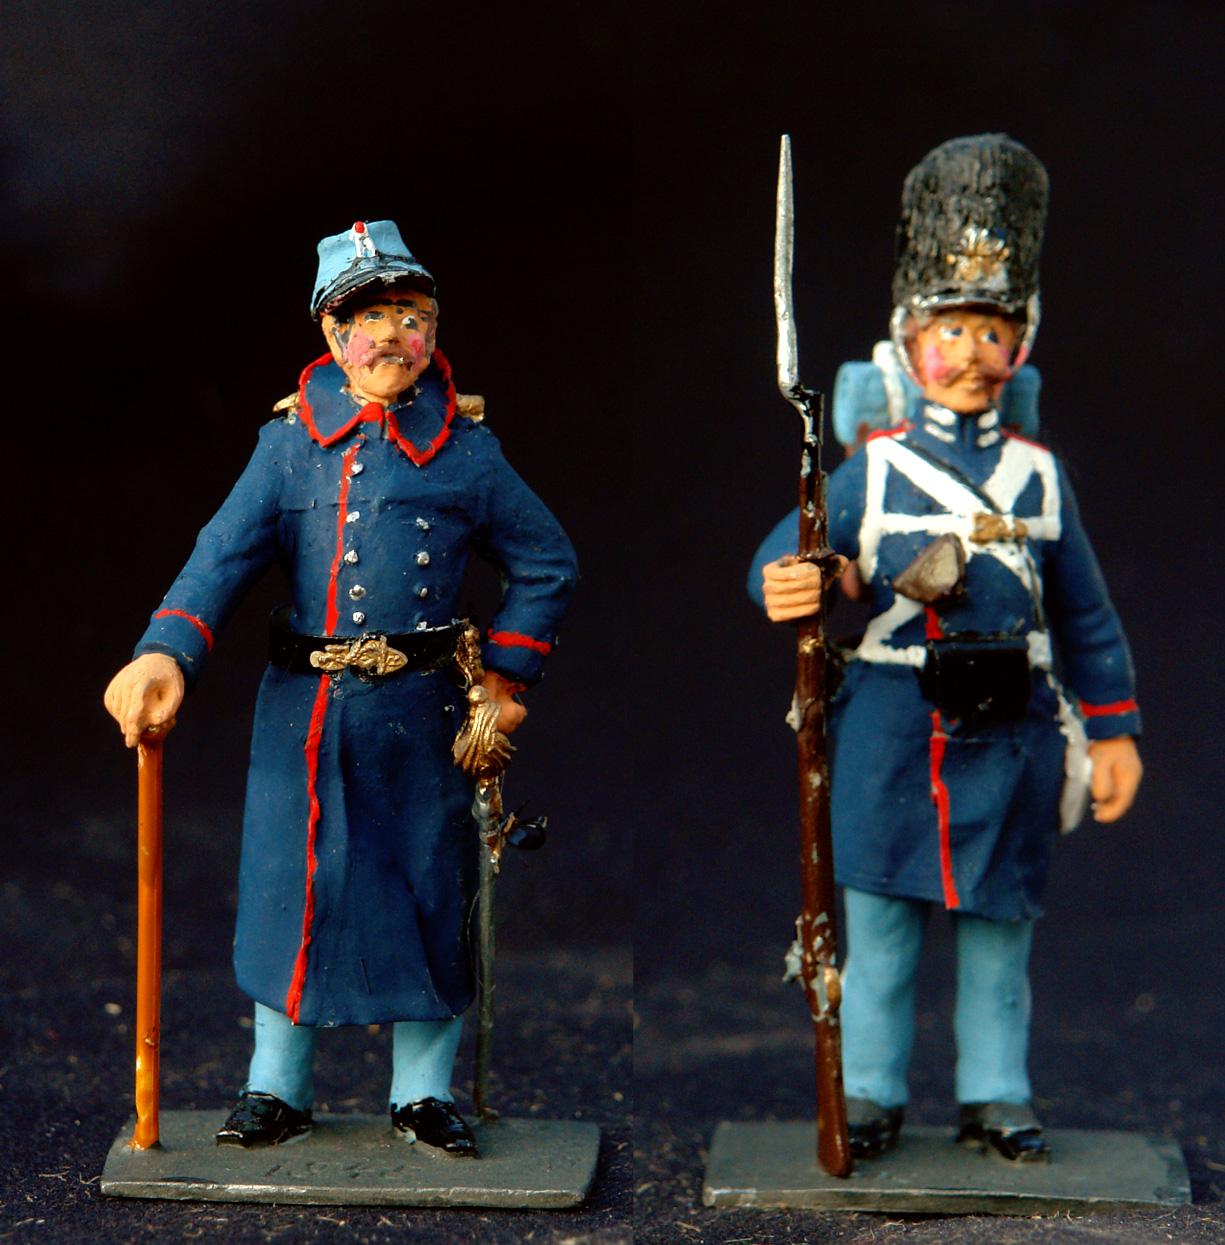 1850-Dansk-officer-og-garder